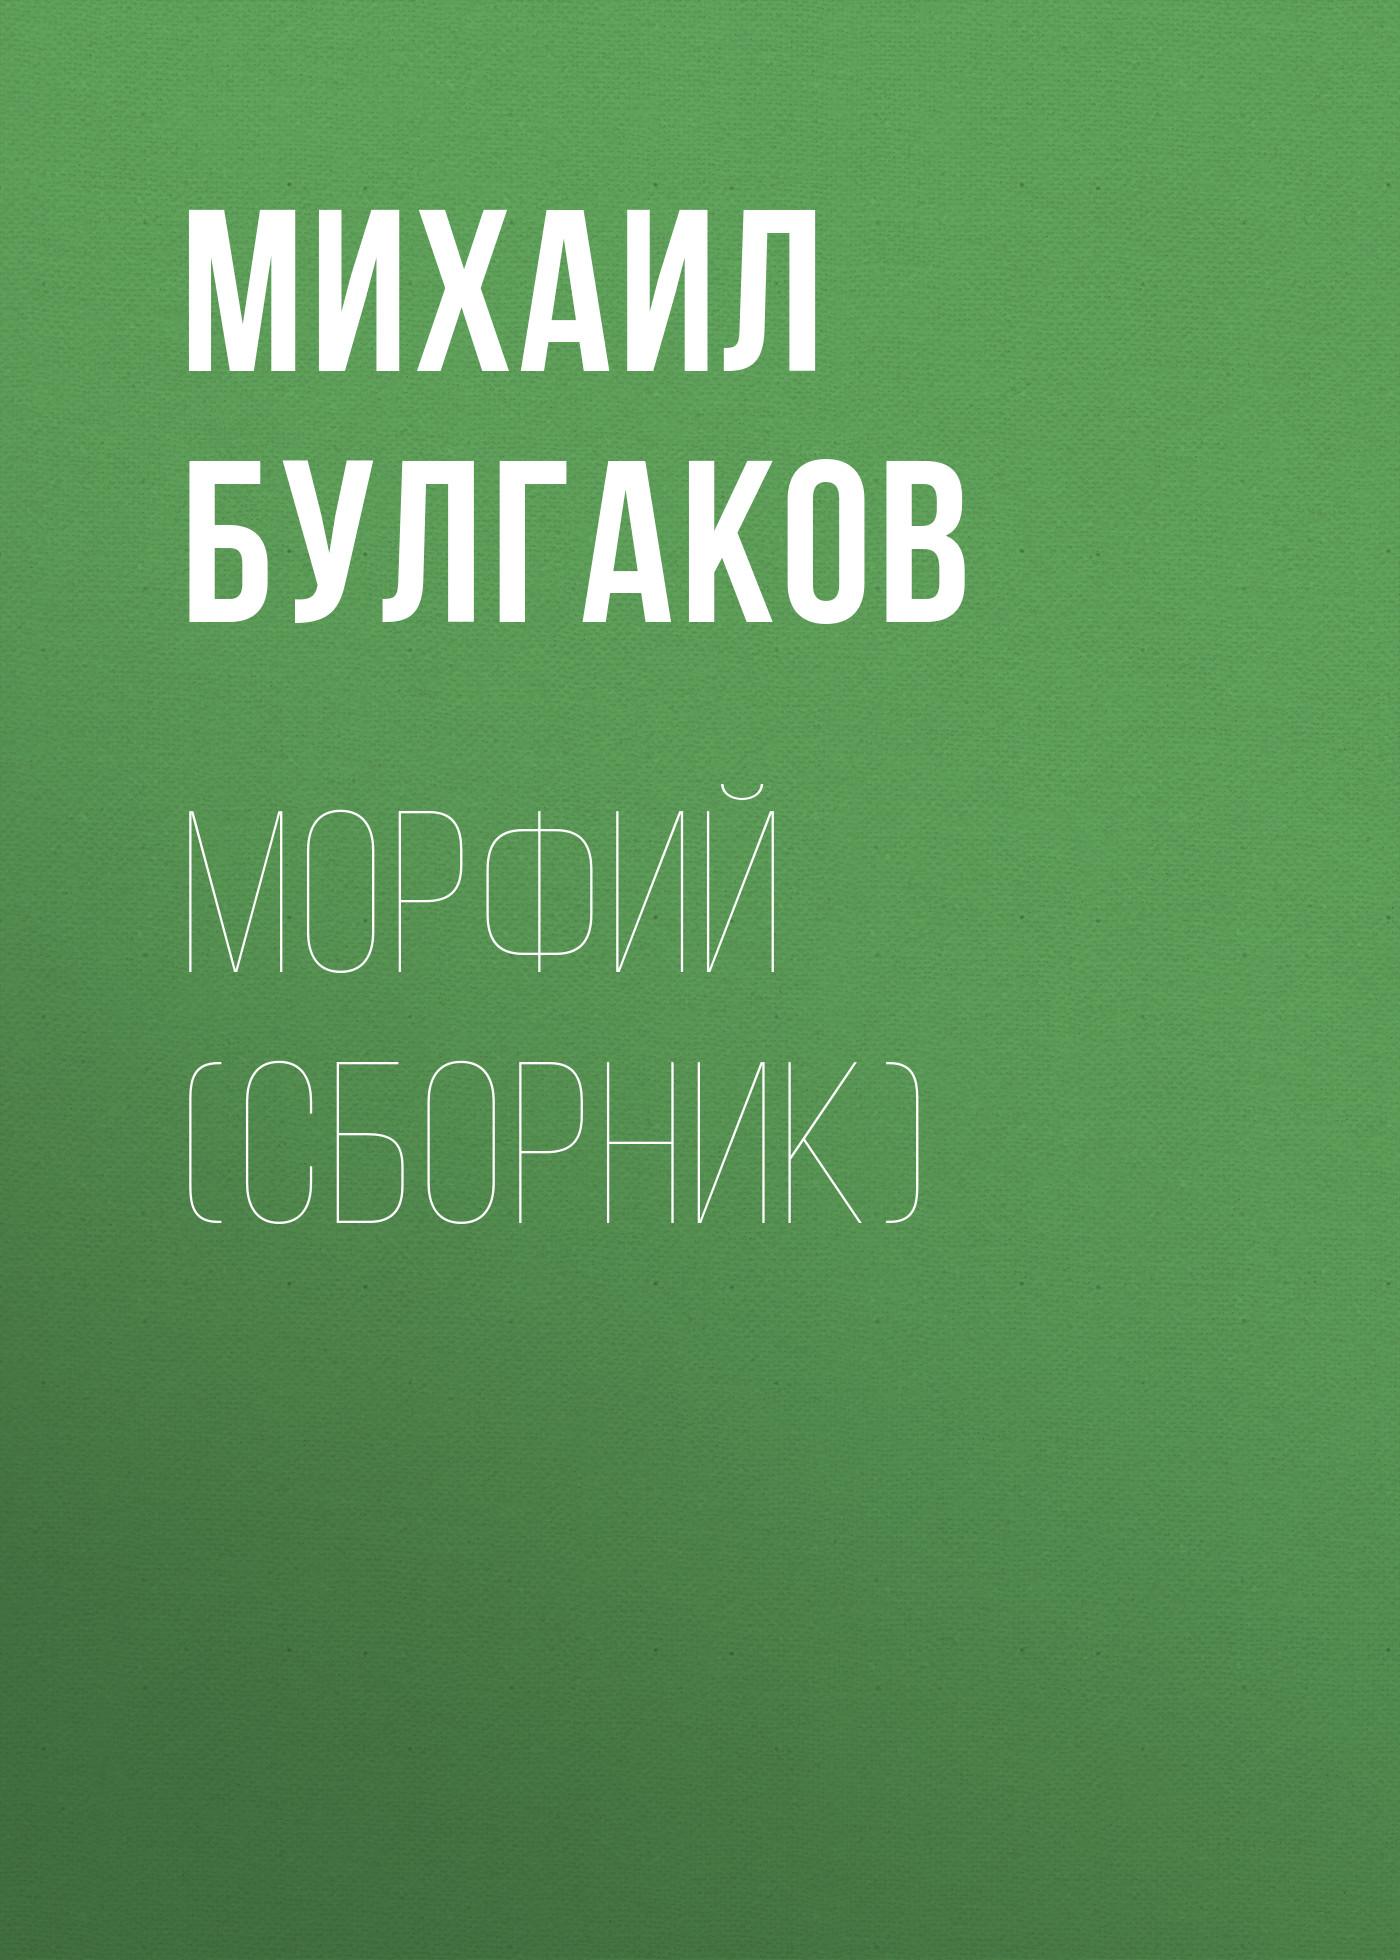 Михаил Булгаков Морфий (сборник) все цены